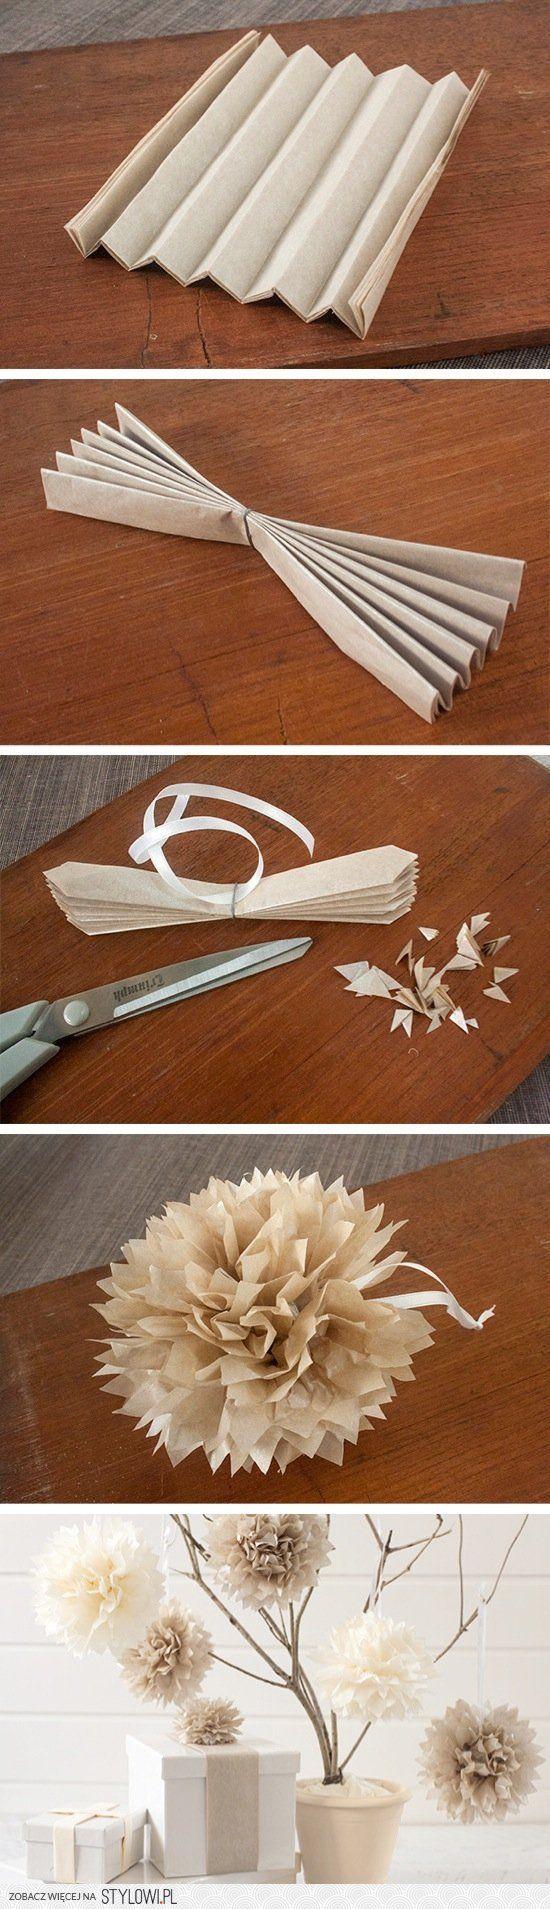 Jak Zrobic Papierowe Kule Do Dekoracji Sali Weselnej Tissue Paper Pom Poms Diy Christmas Diy Paper Flowers